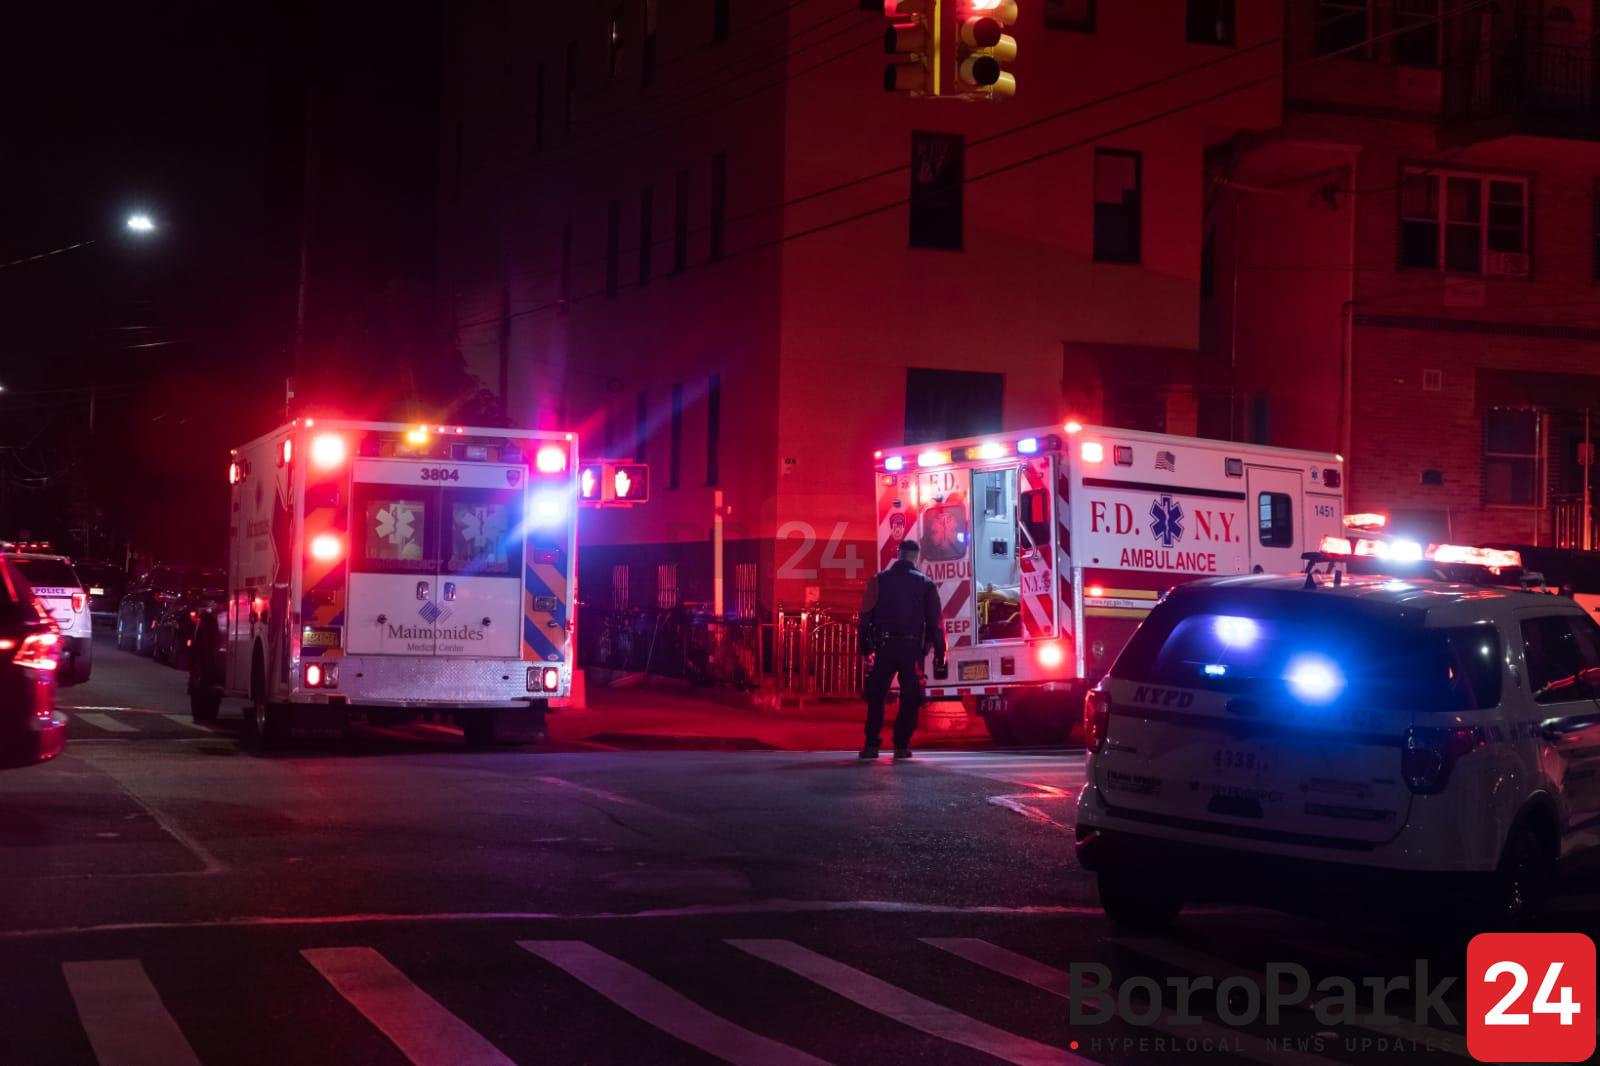 NYC May Eliminate 400 Emergency Responder Jobs